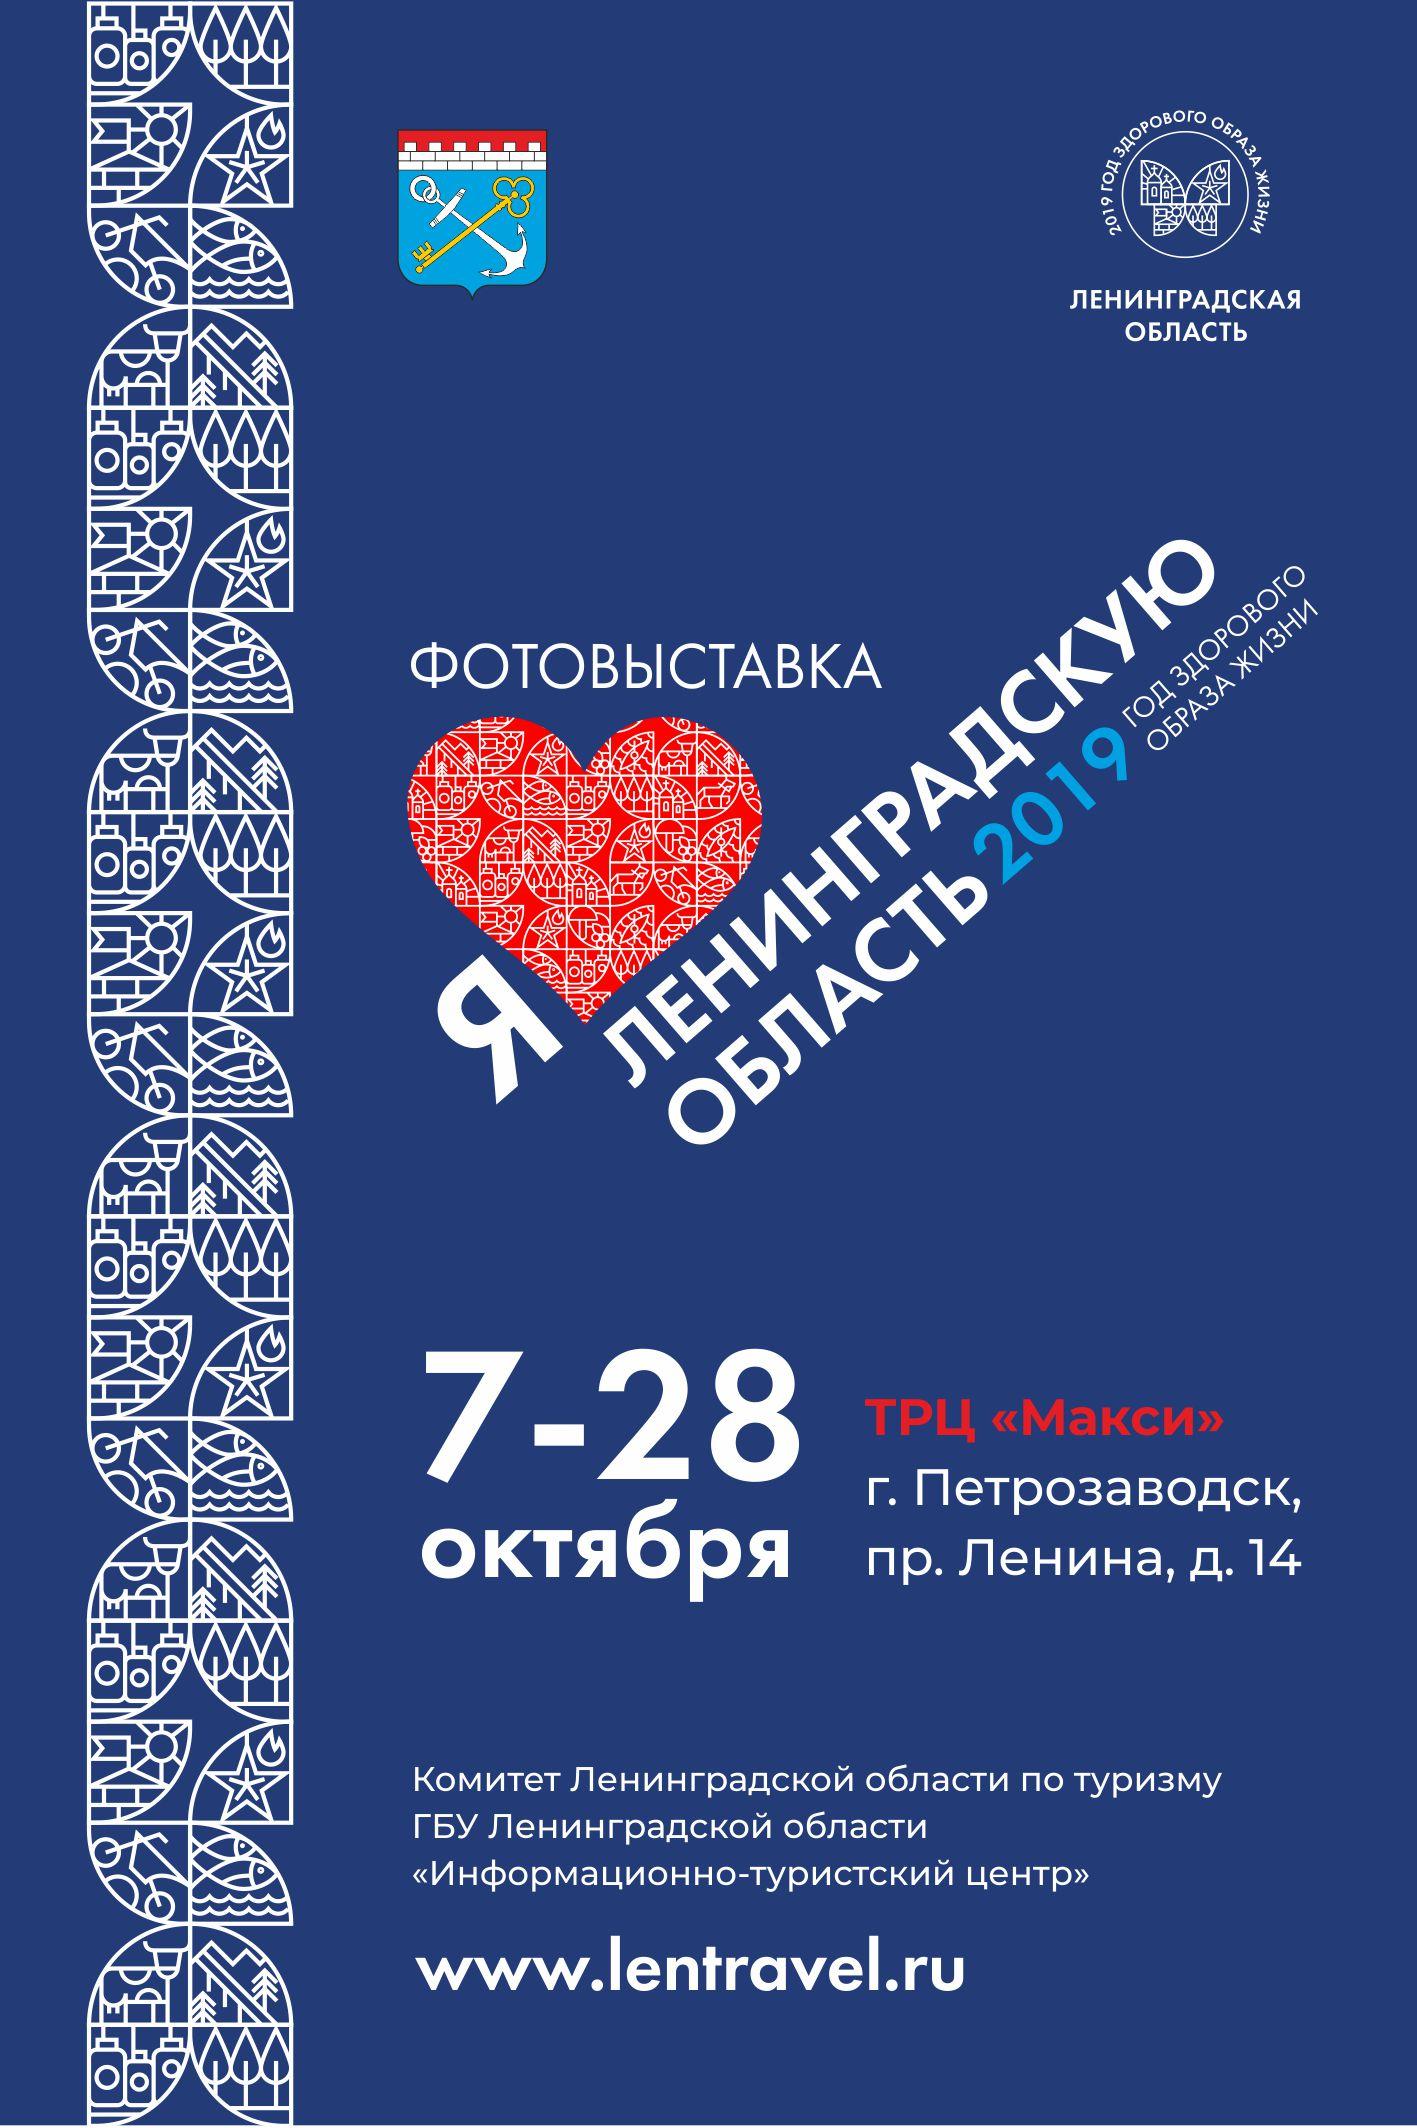 Ленинградская область приглашает на фотовыставку